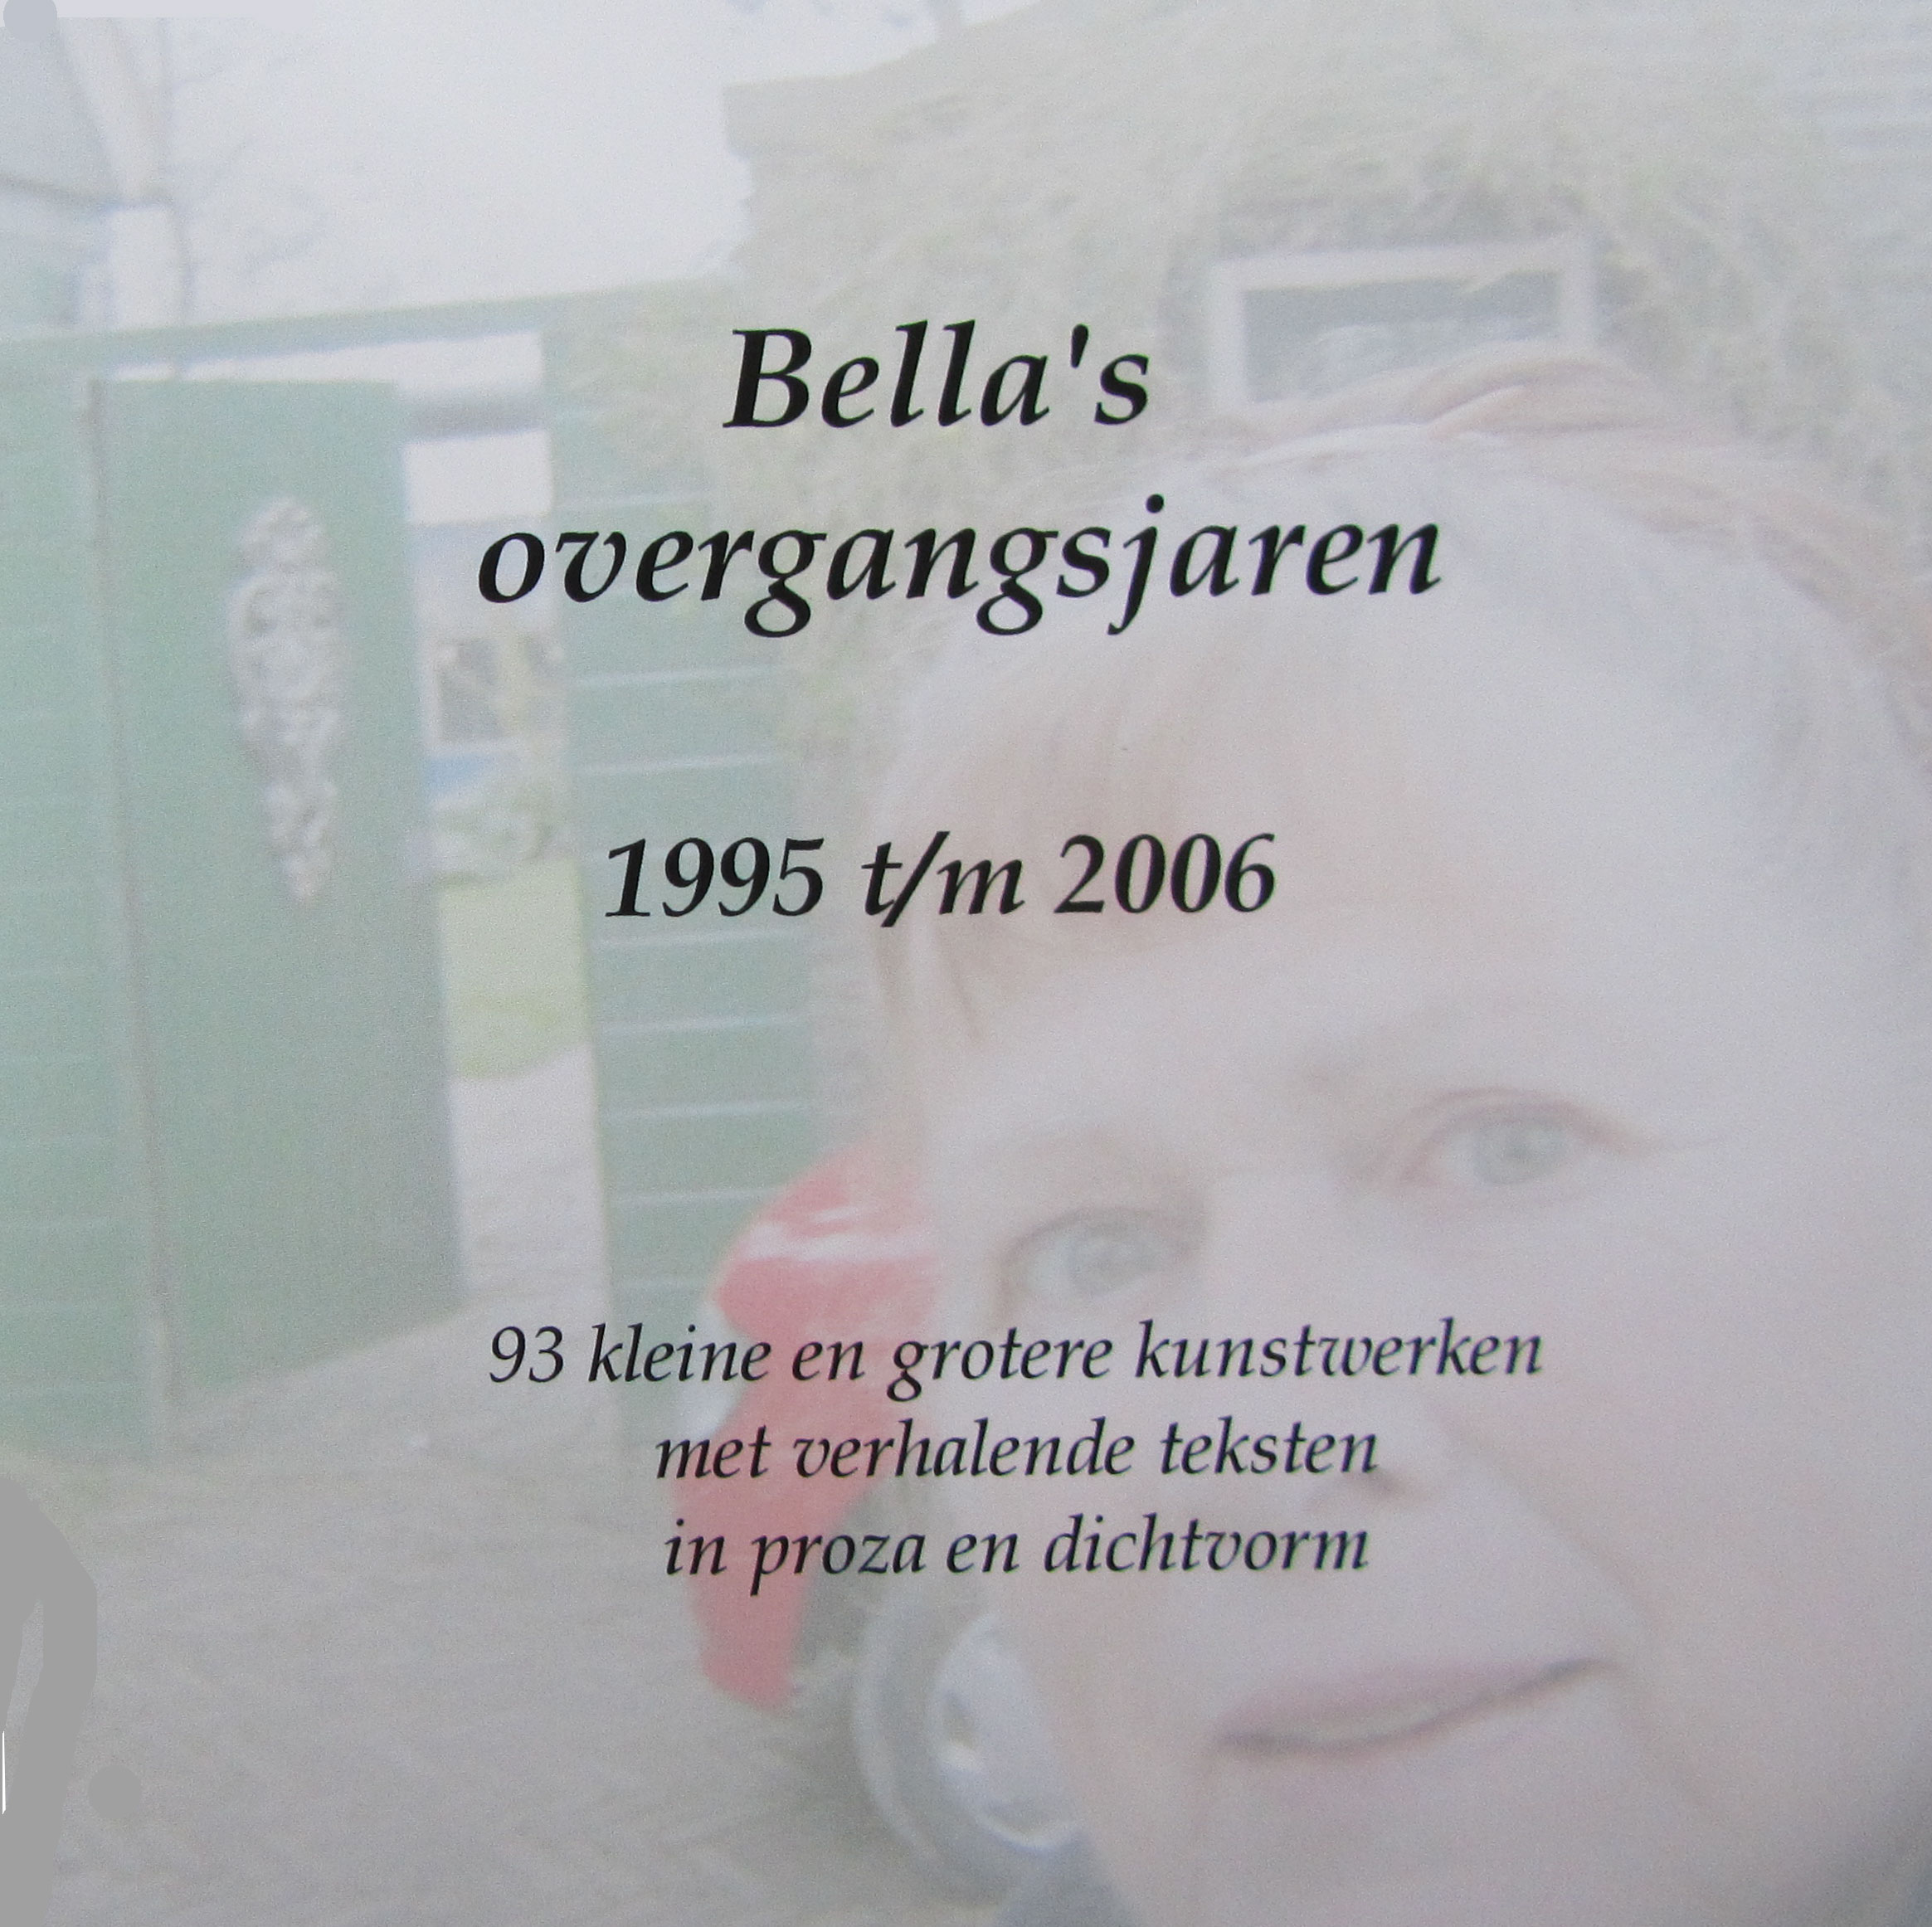 Bella's overgangsjaren